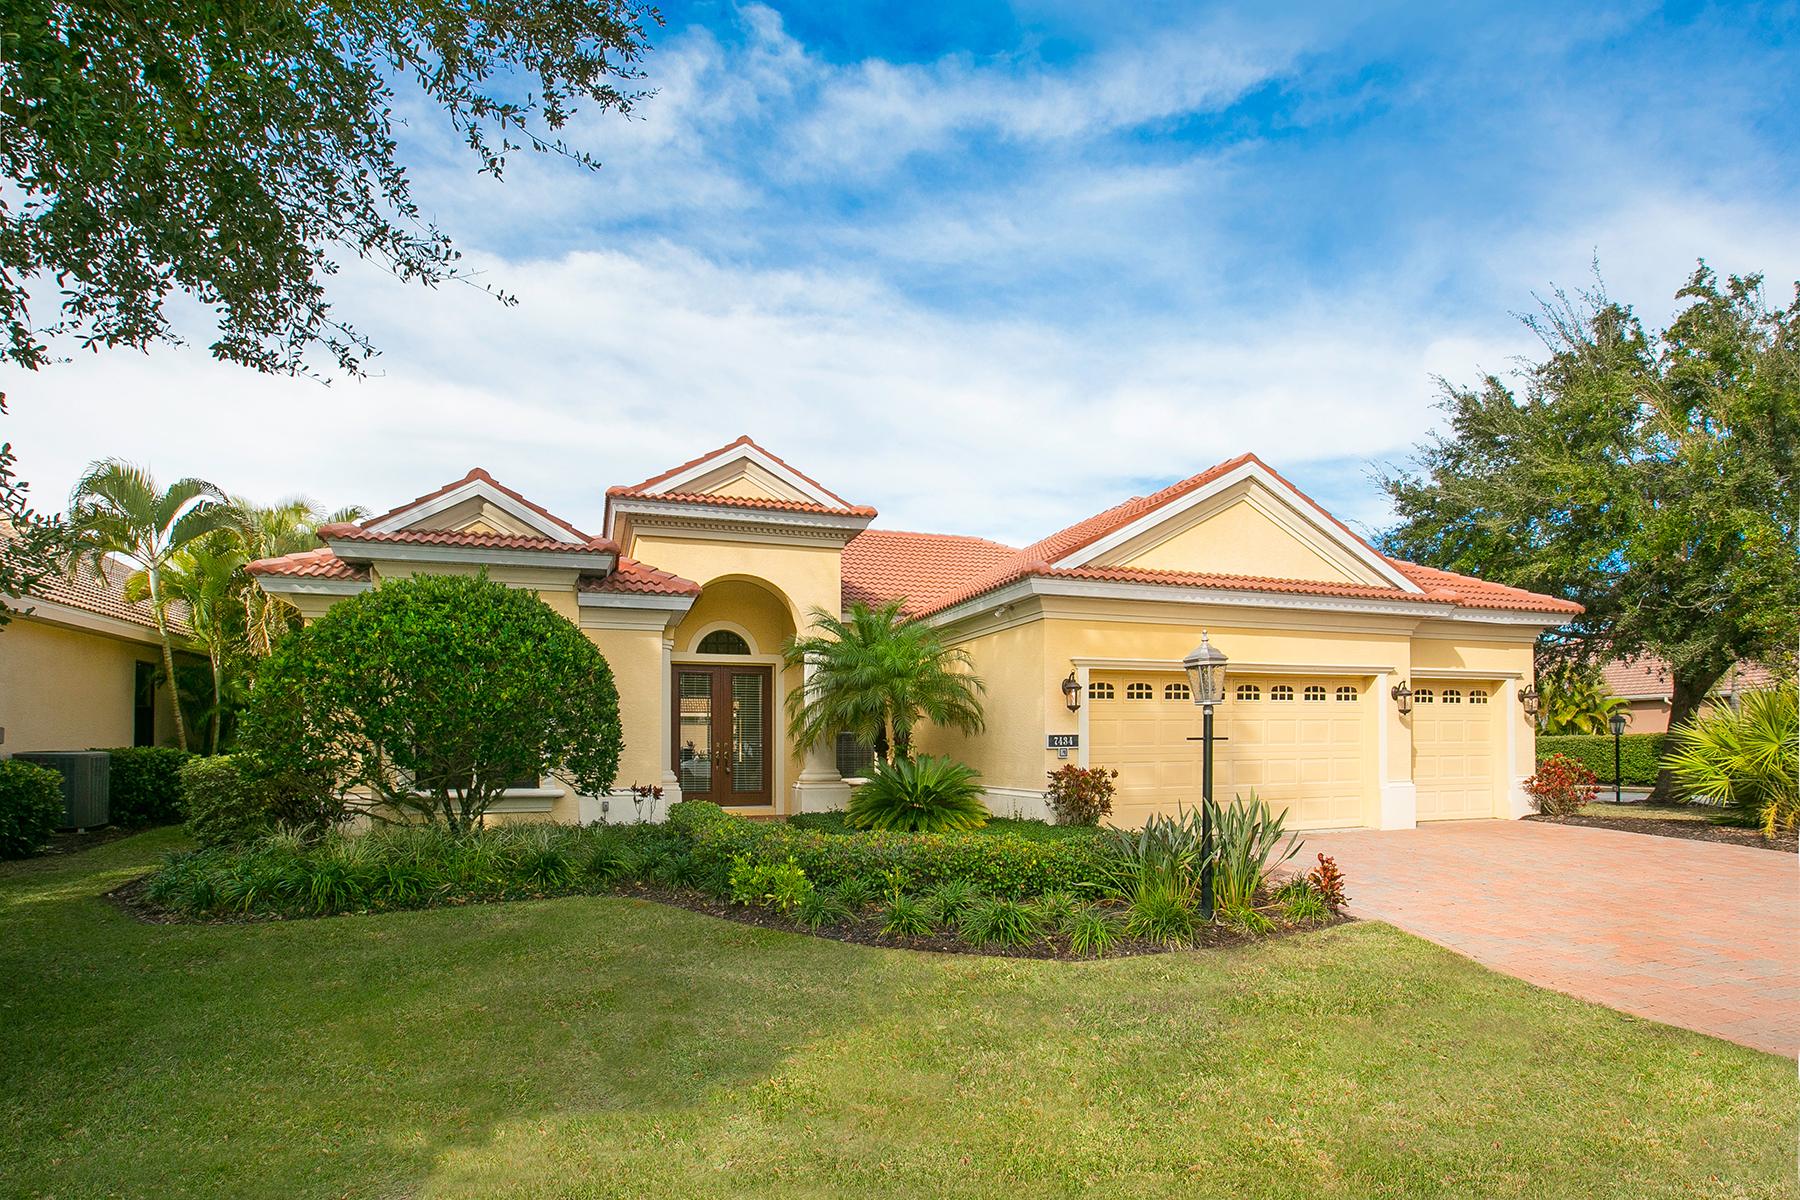 Nhà ở một gia đình vì Bán tại LAKEWOOD RANCH COUNTRY CLUB 7434 Mizner Reserve Ct Lakewood Ranch, Florida, 34202 Hoa Kỳ